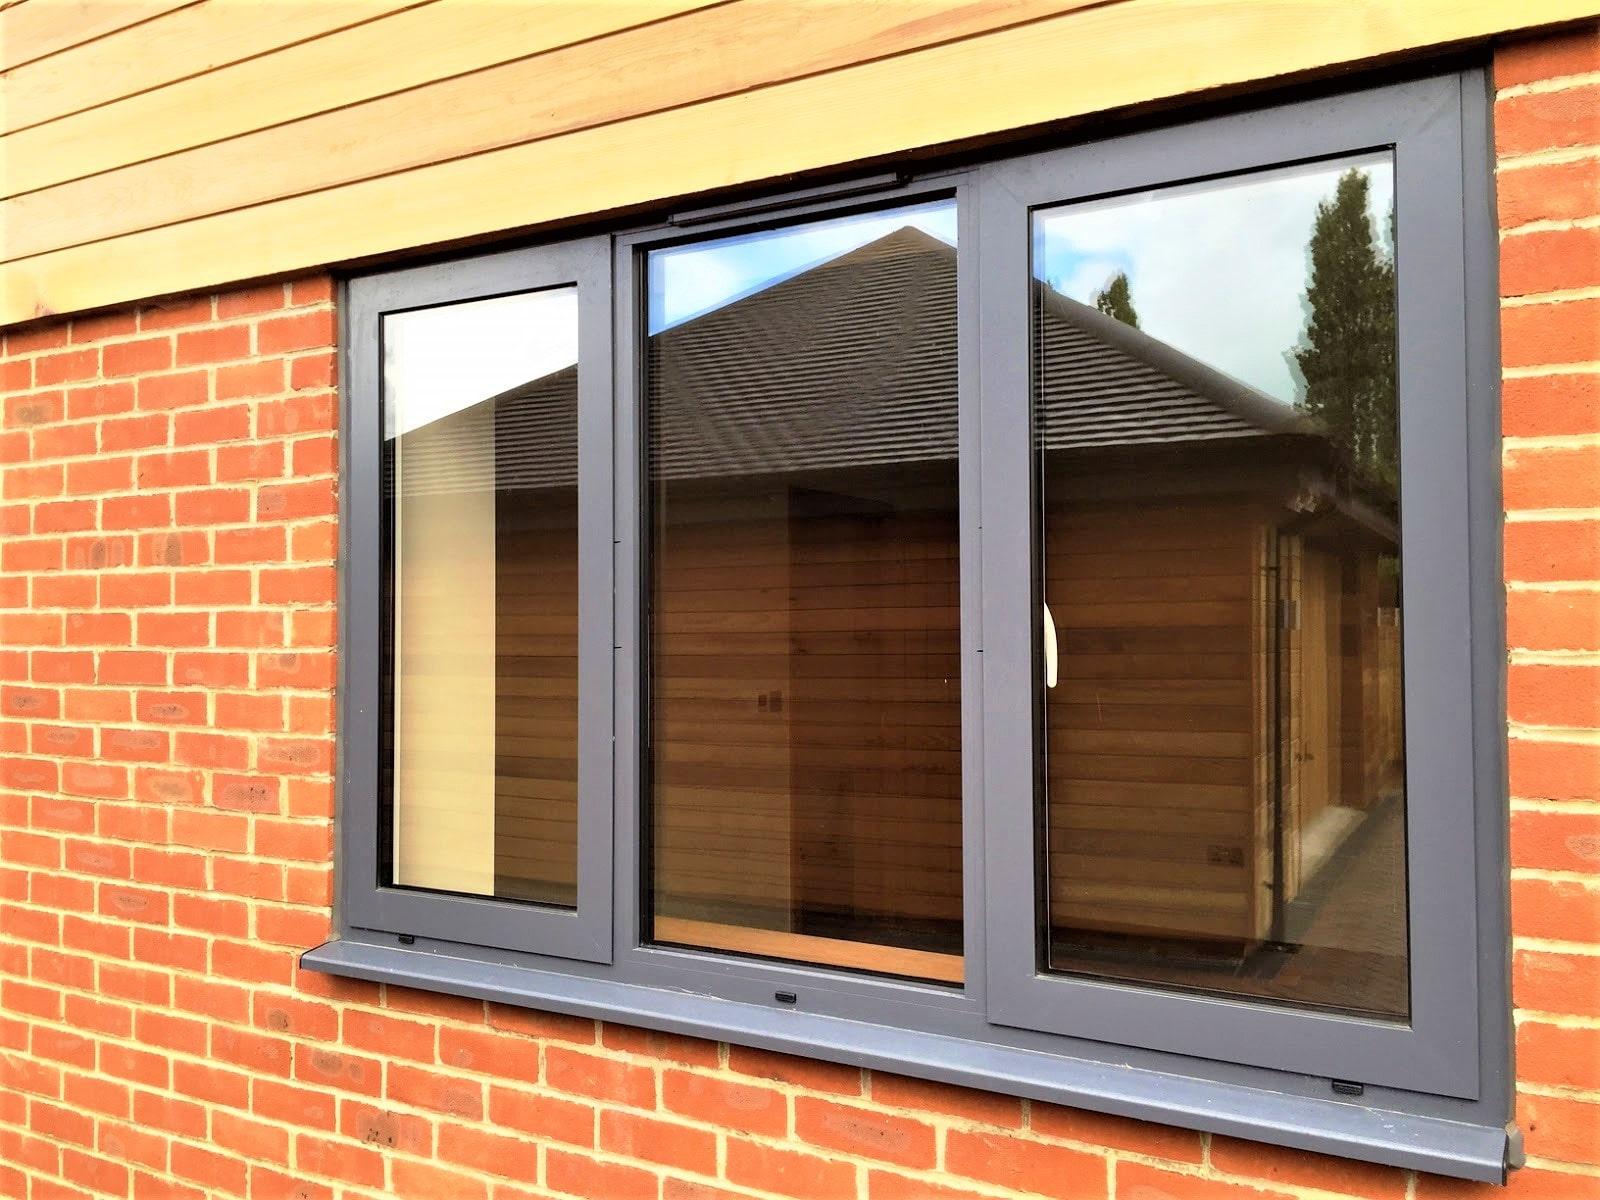 Professional Aluminium Windows Installer in Yorkshire